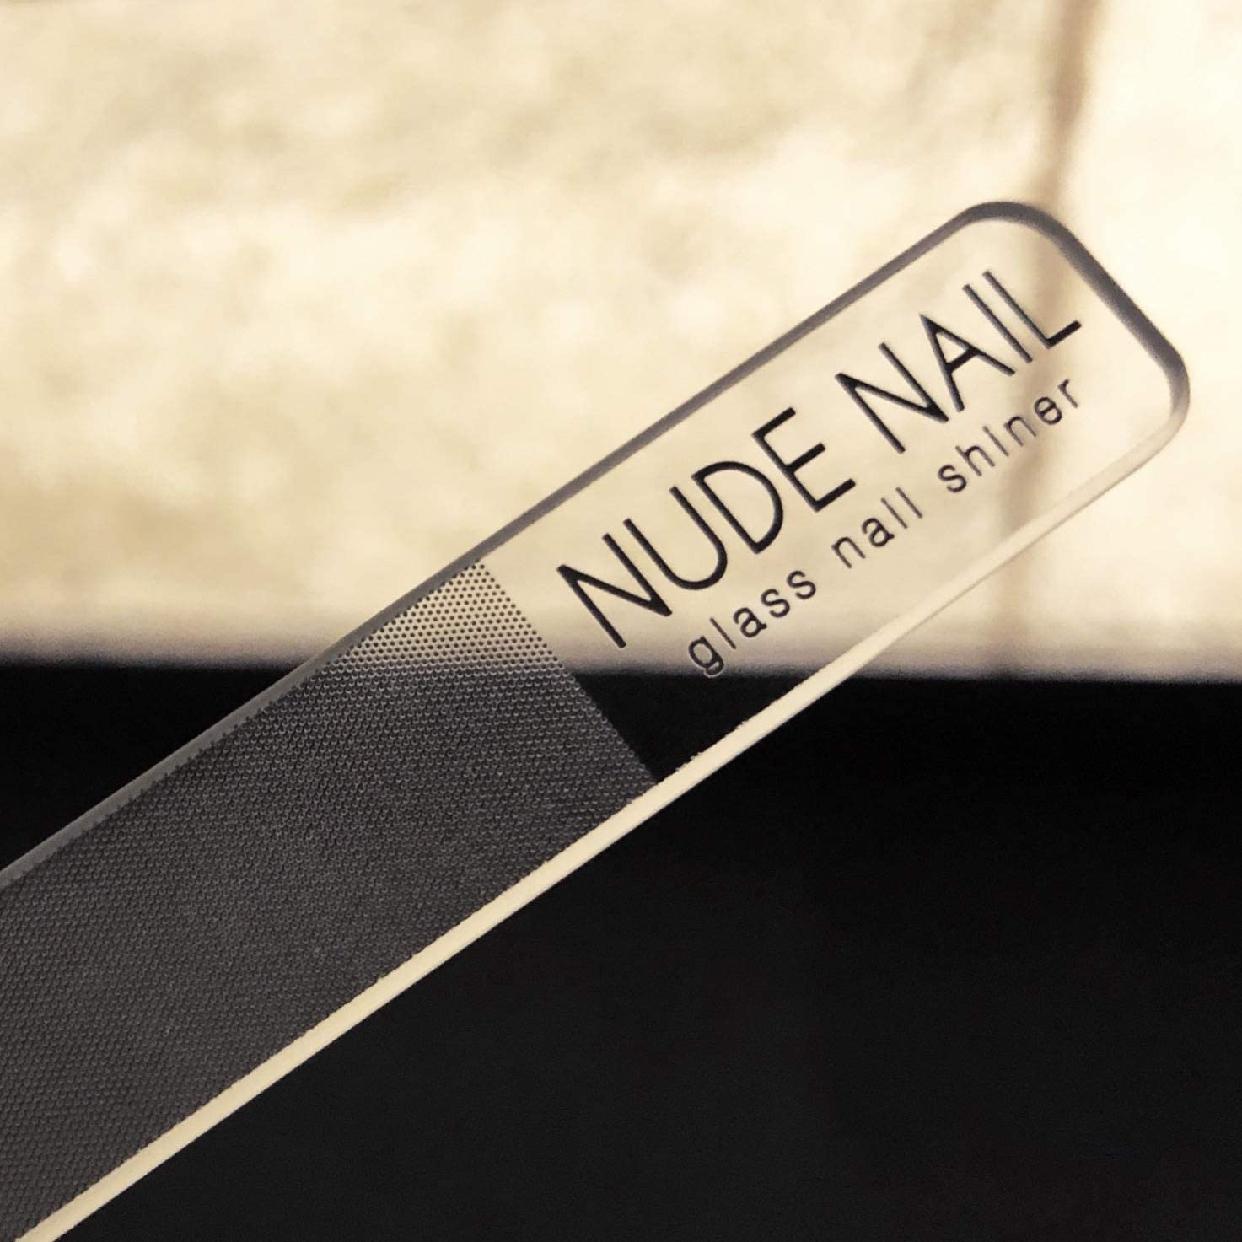 NUDE NAIL(ヌードネイル) ヌードネイル グラスネイルシャイナーの商品画像8